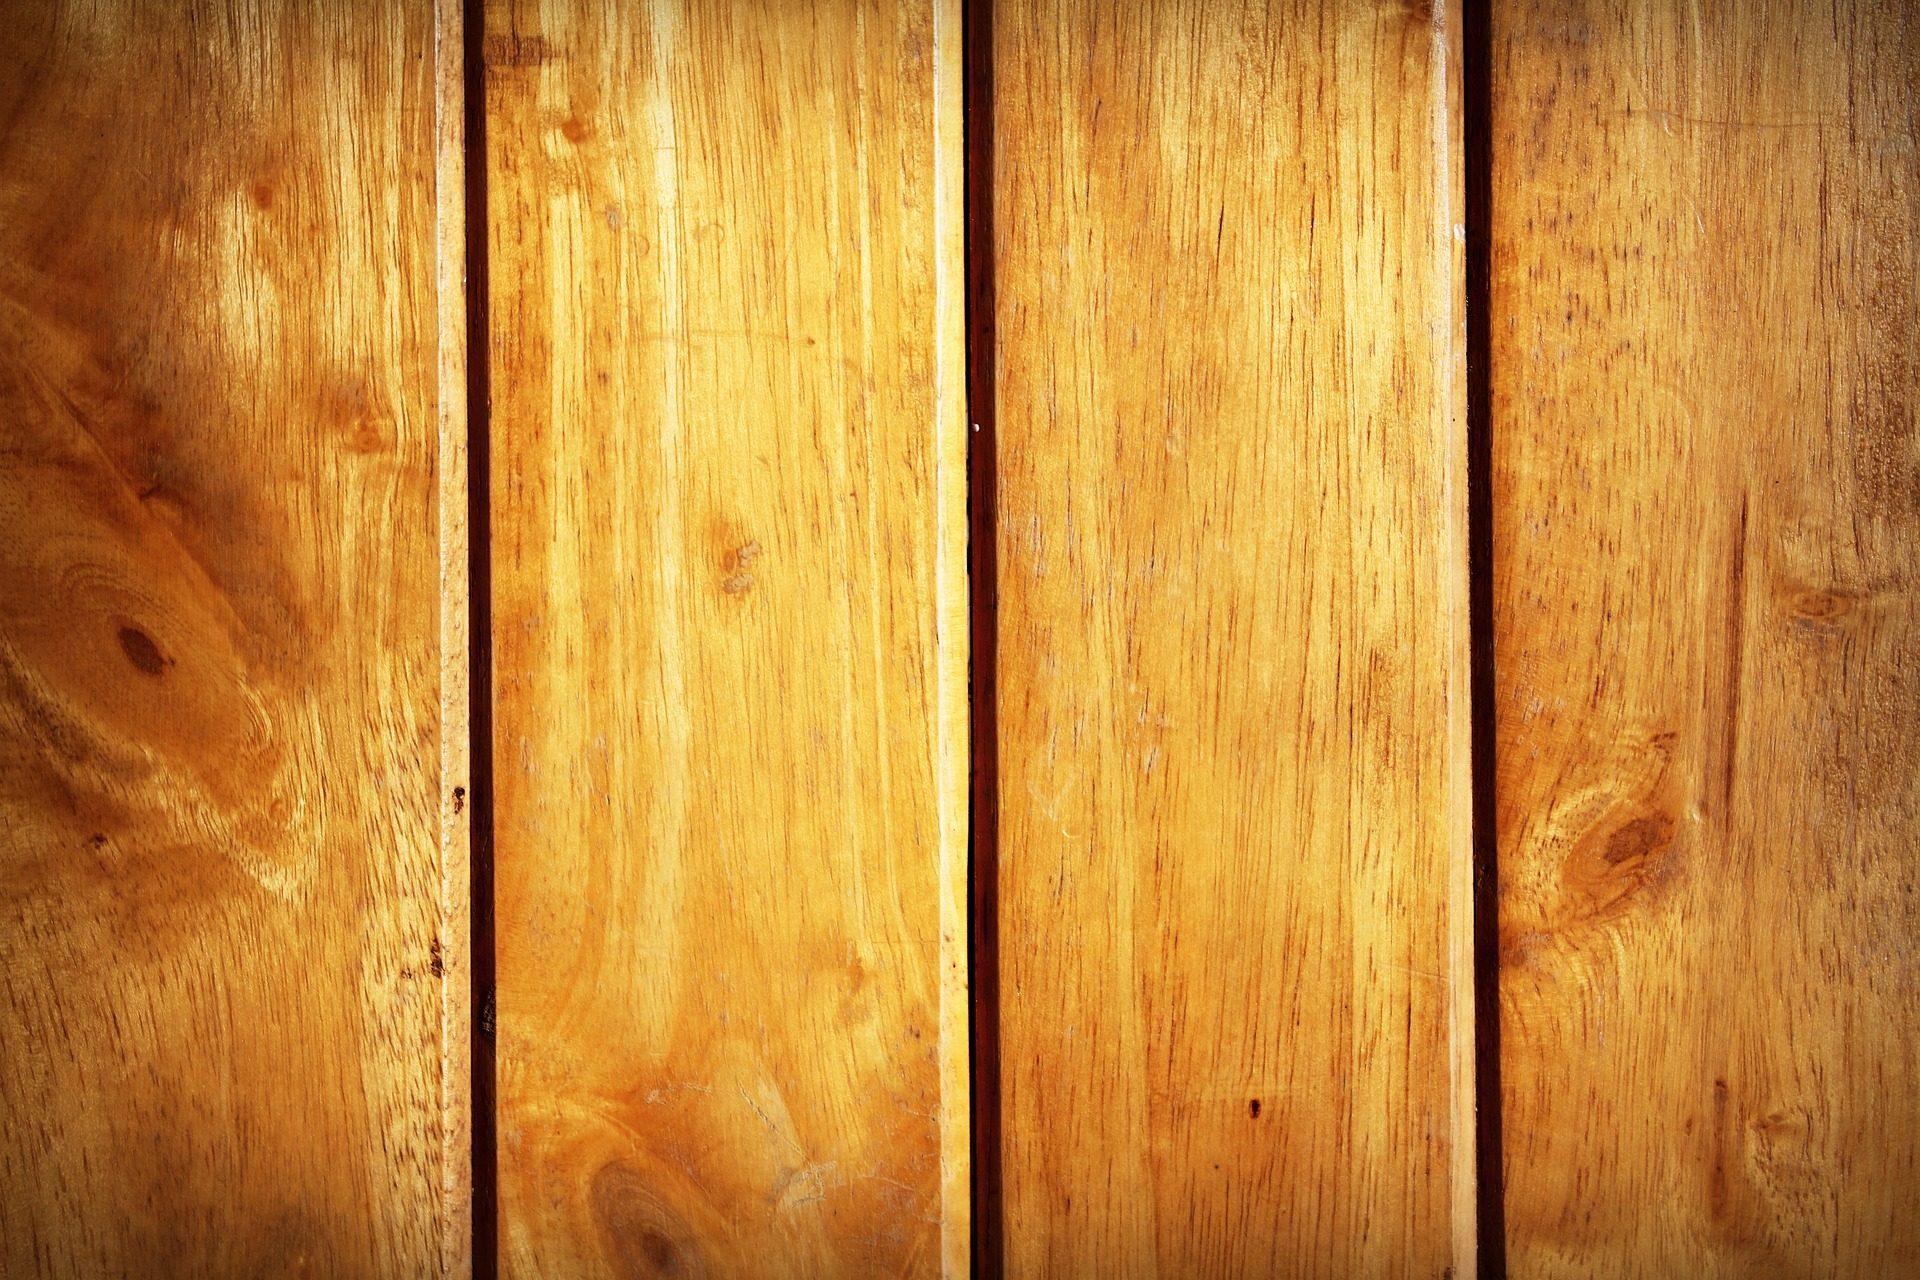 ξύλο, φλέβες, σανίδες, πίνακες, φράχτη - Wallpapers HD - Professor-falken.com